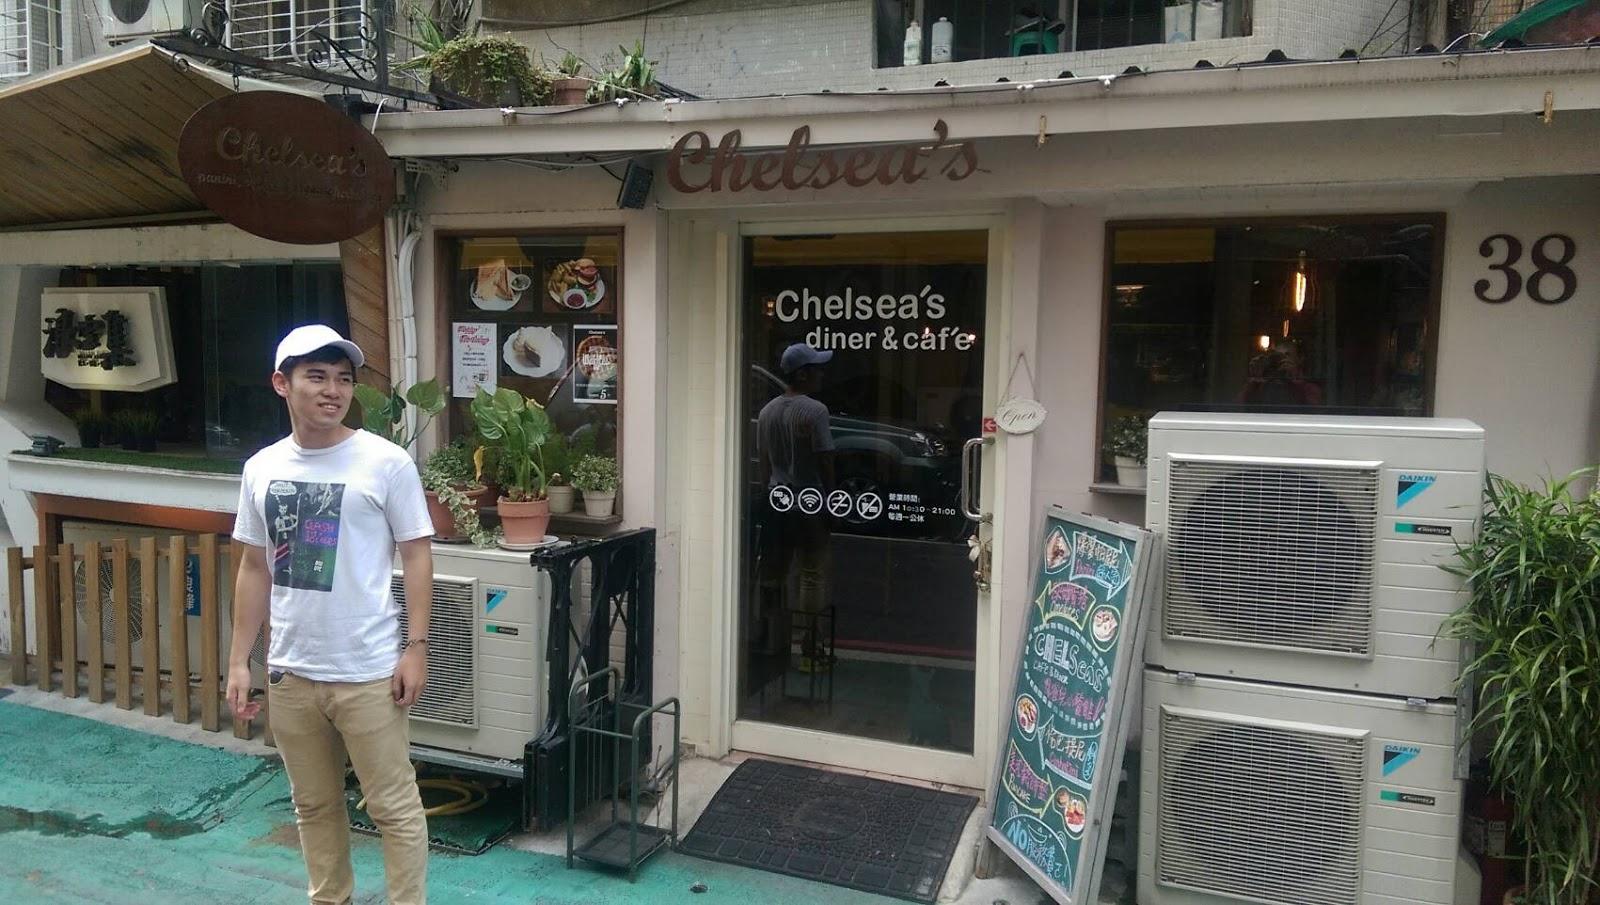 Chelsea's雀兒小餐館